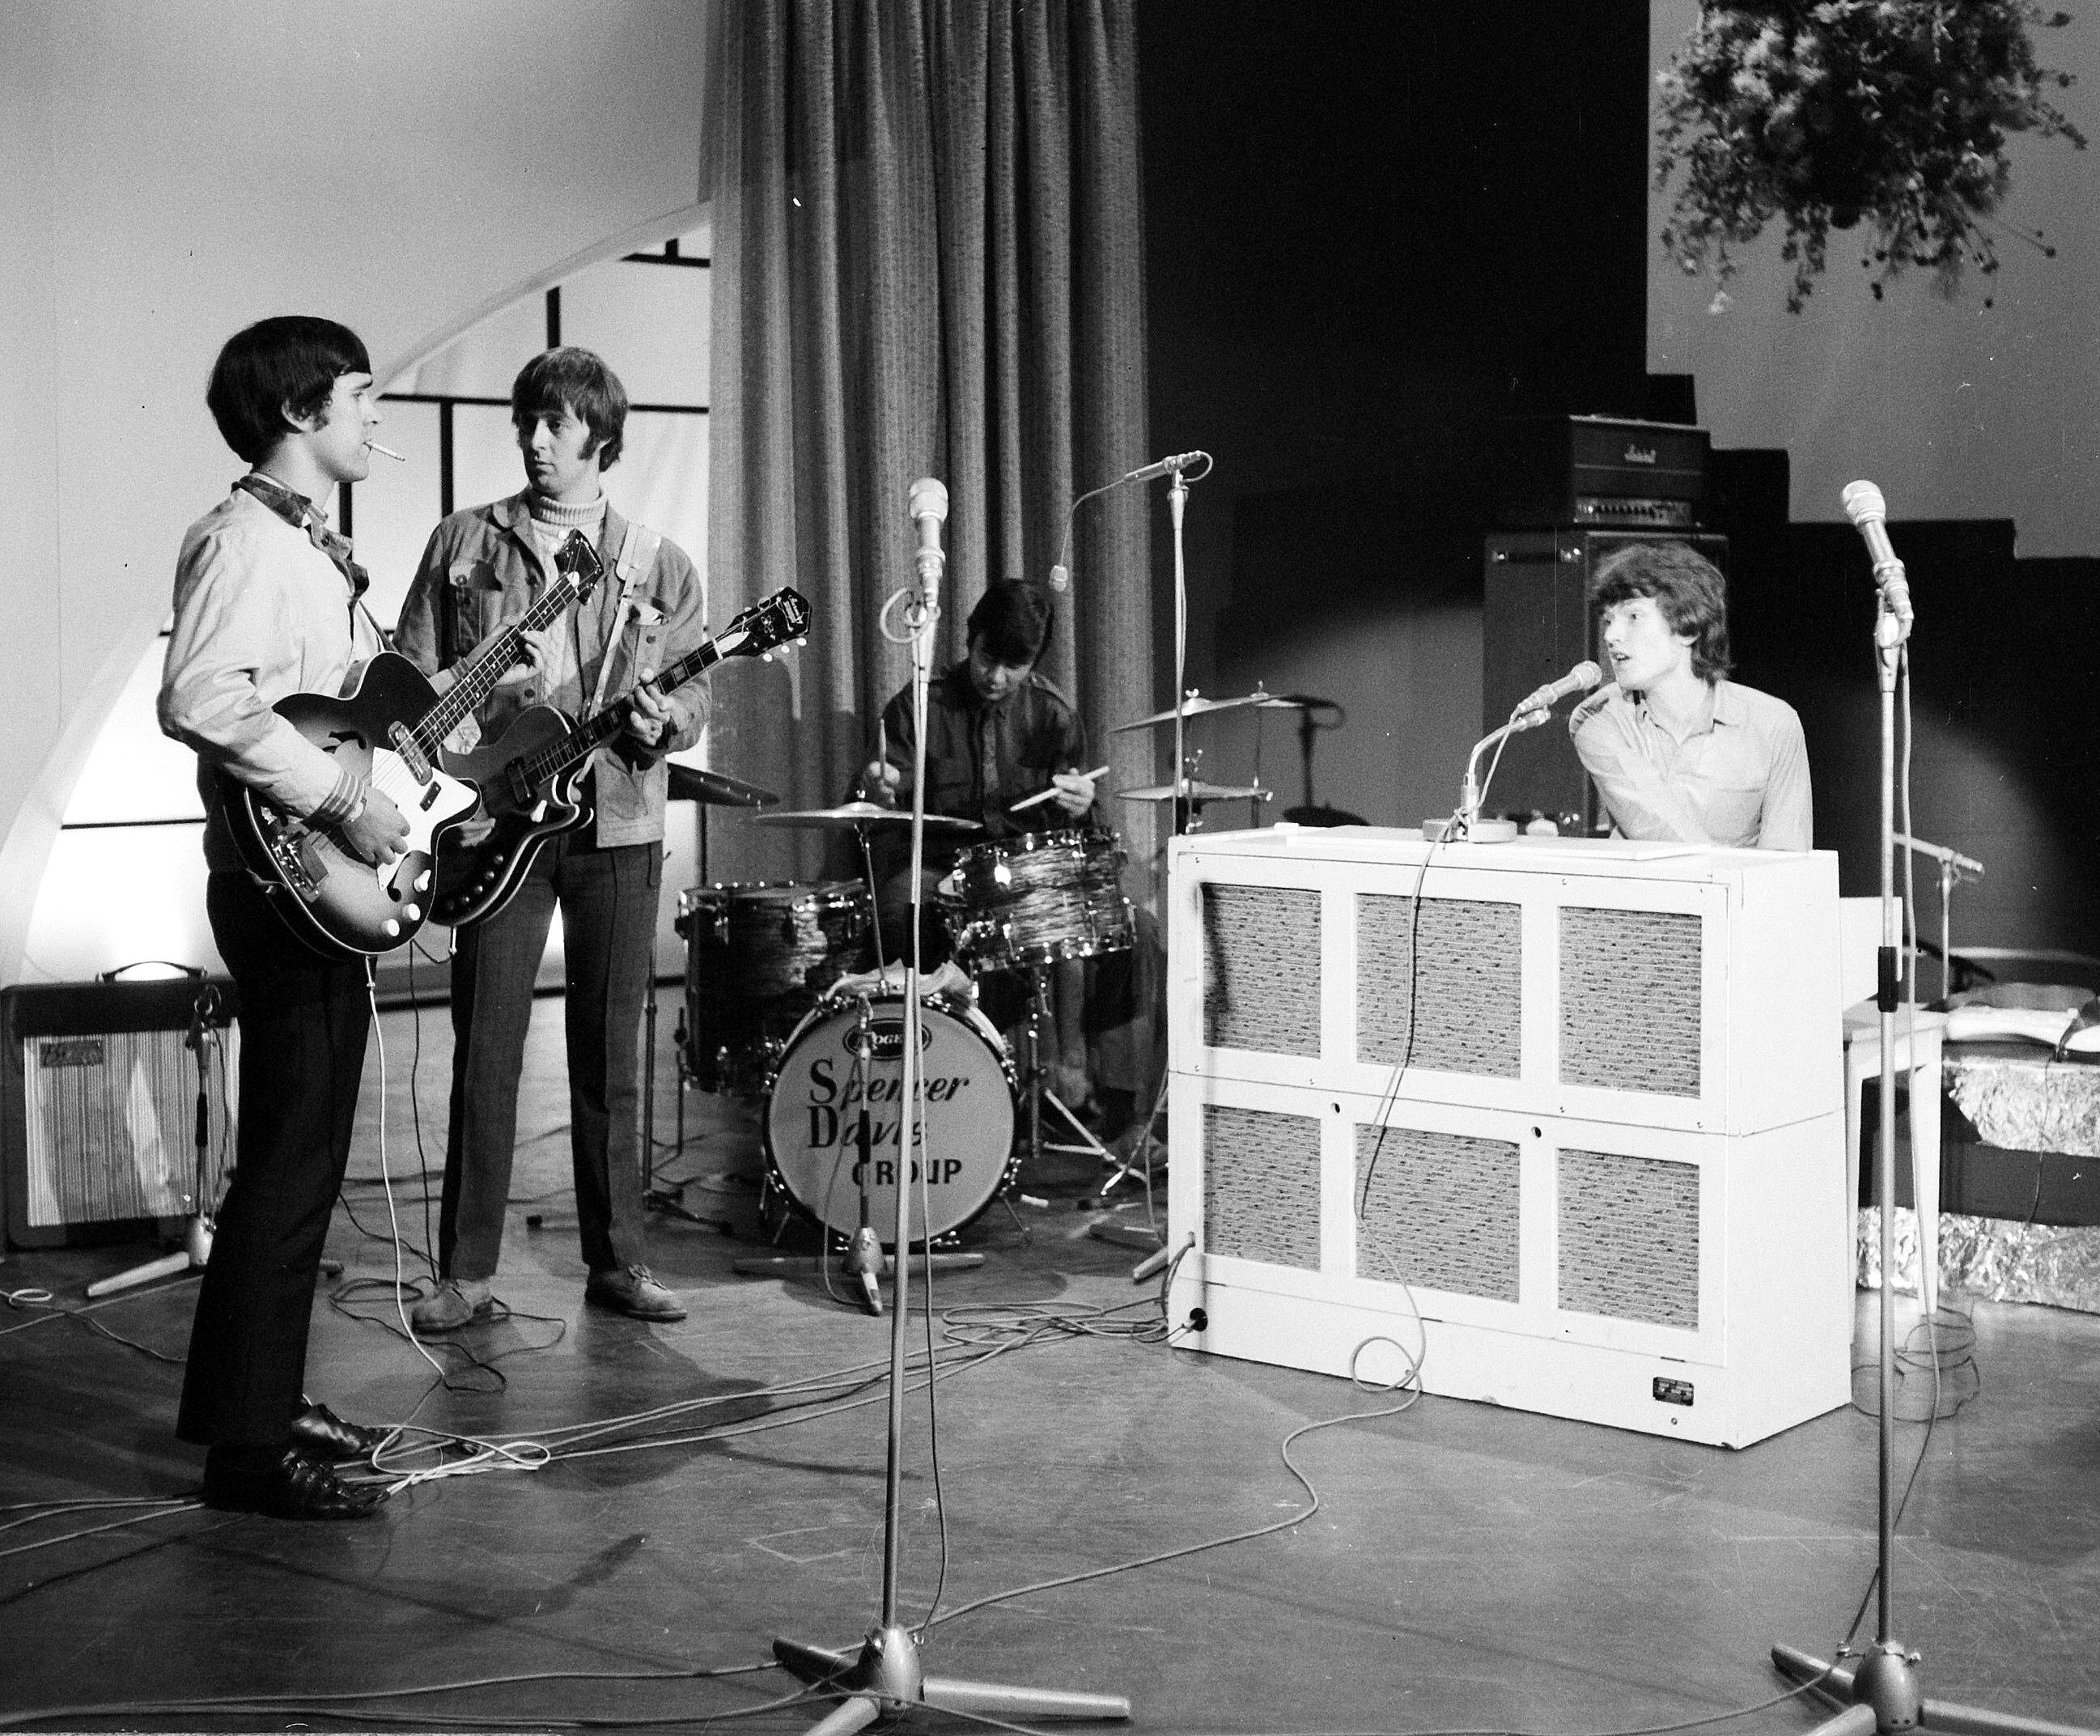 spencer_davis_group_1966.jpg